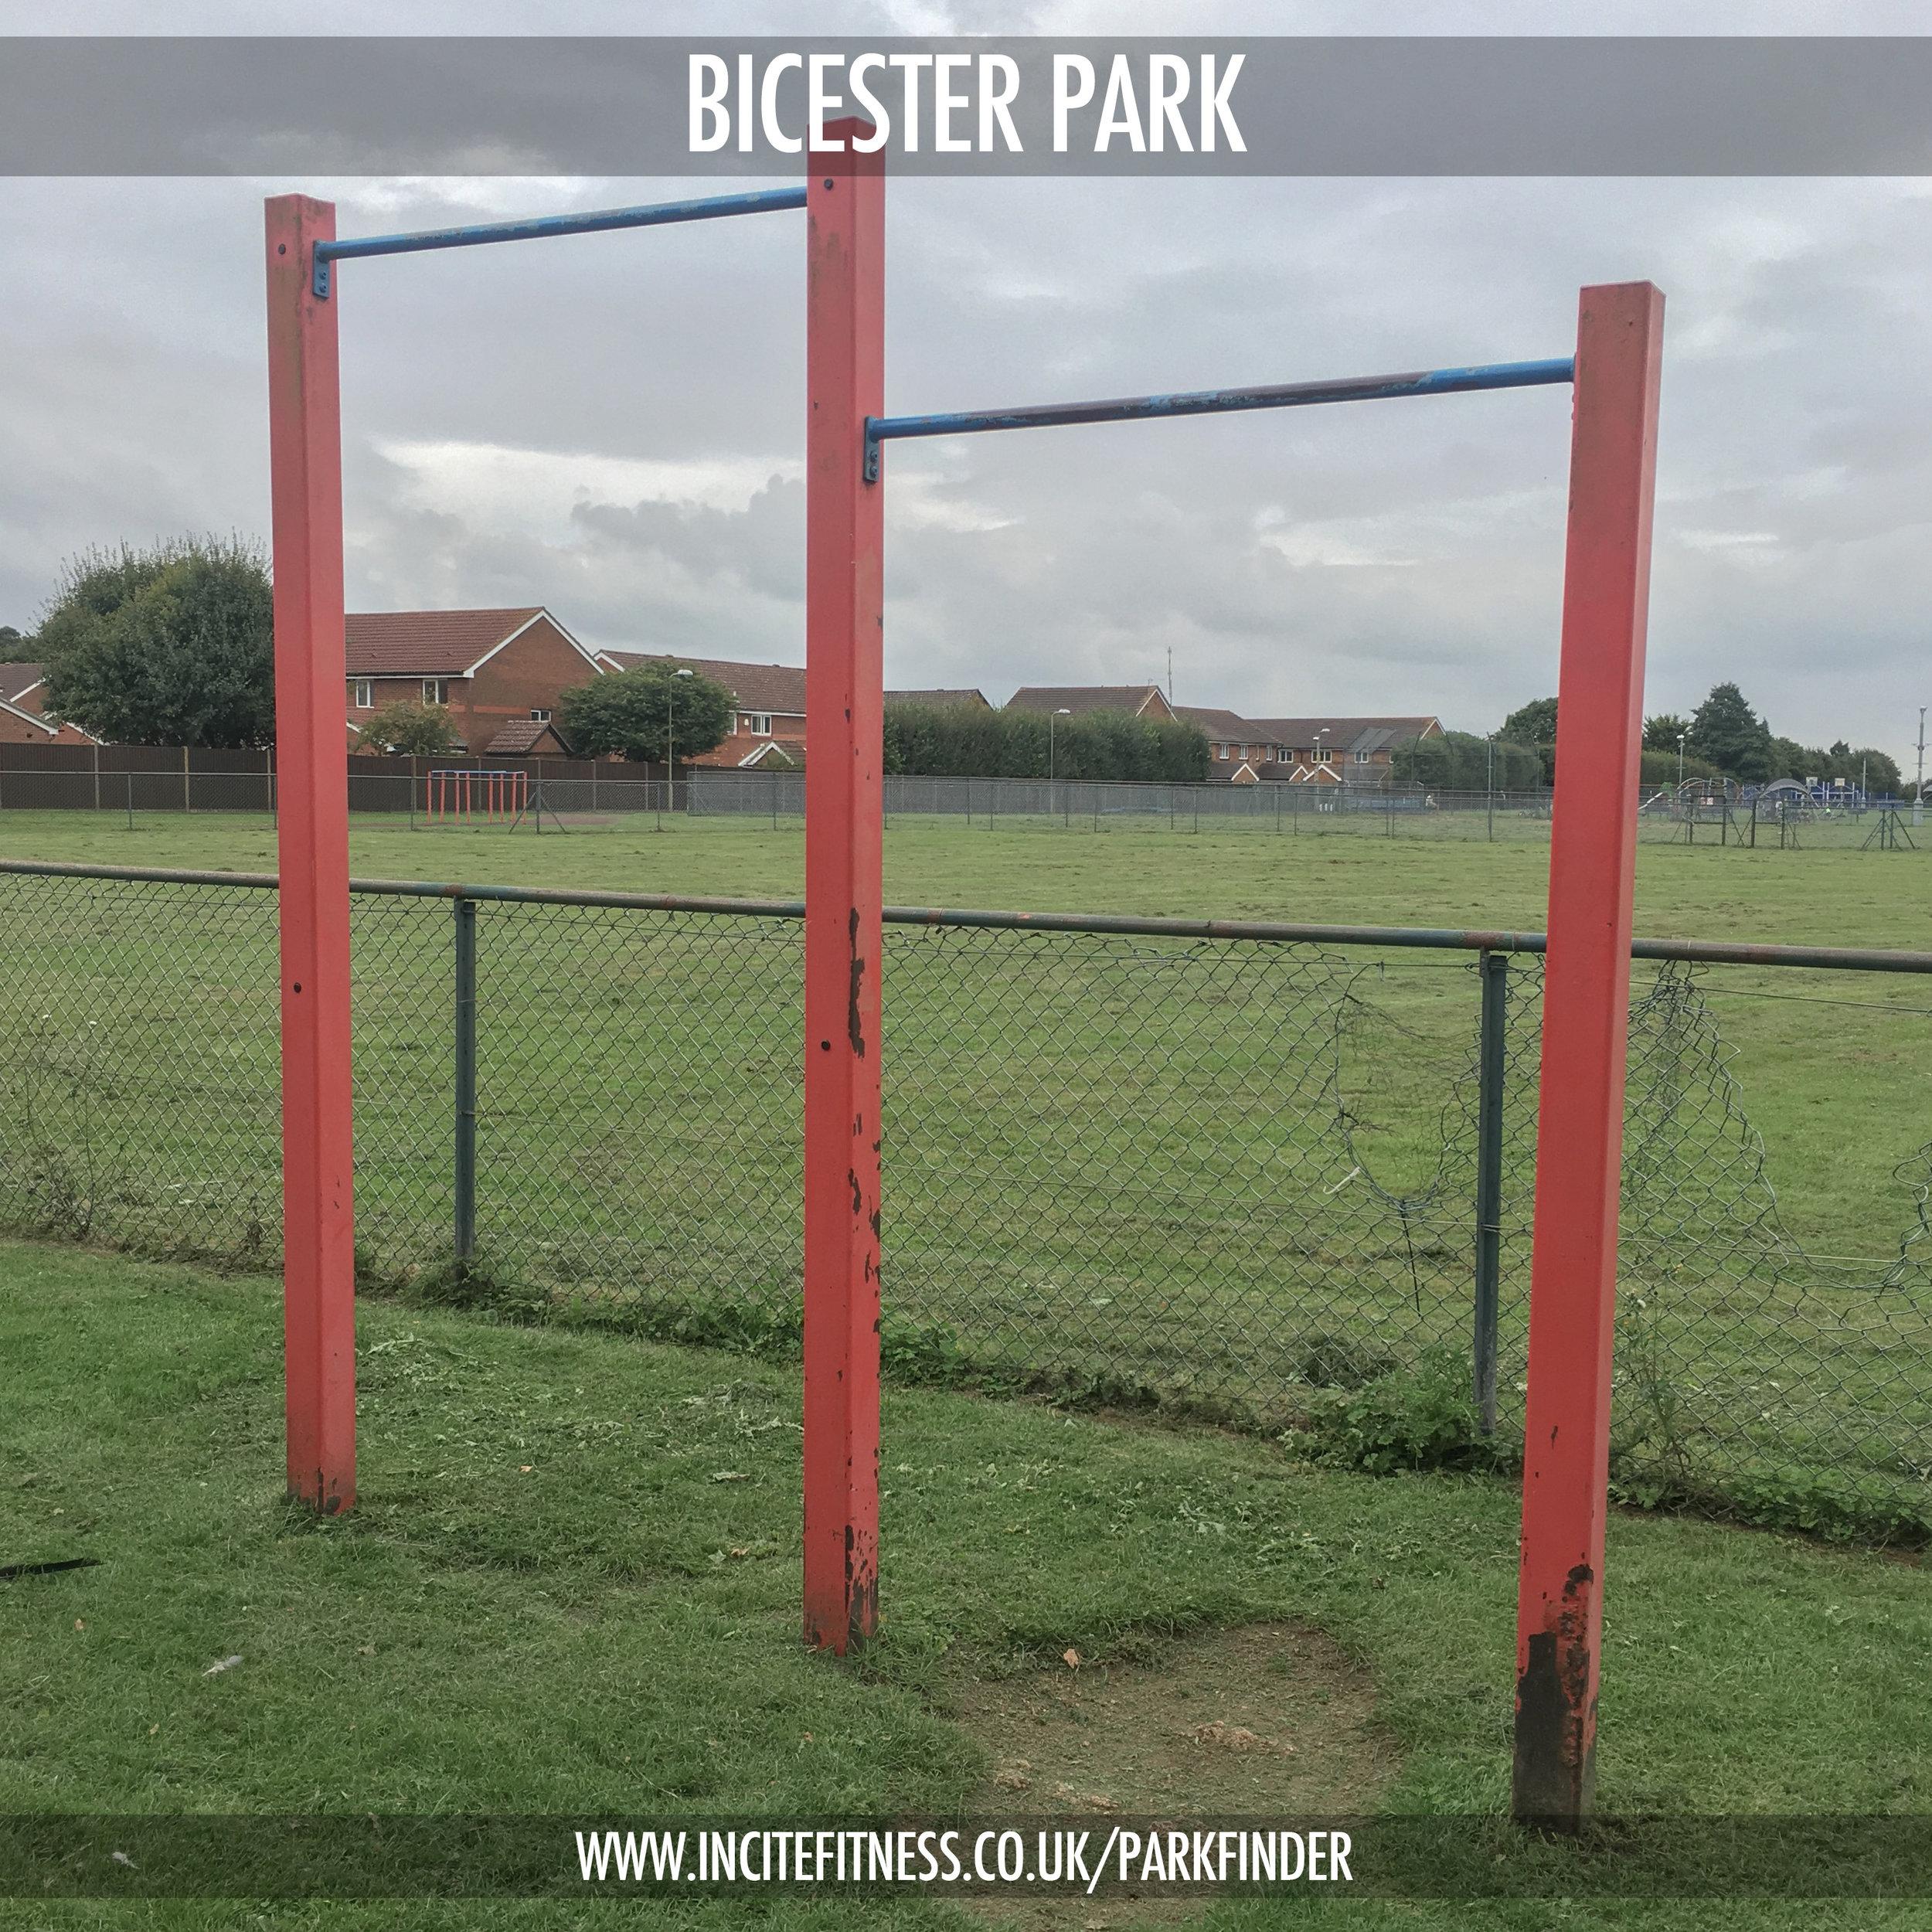 Bicester park 04 pull up bars.jpg